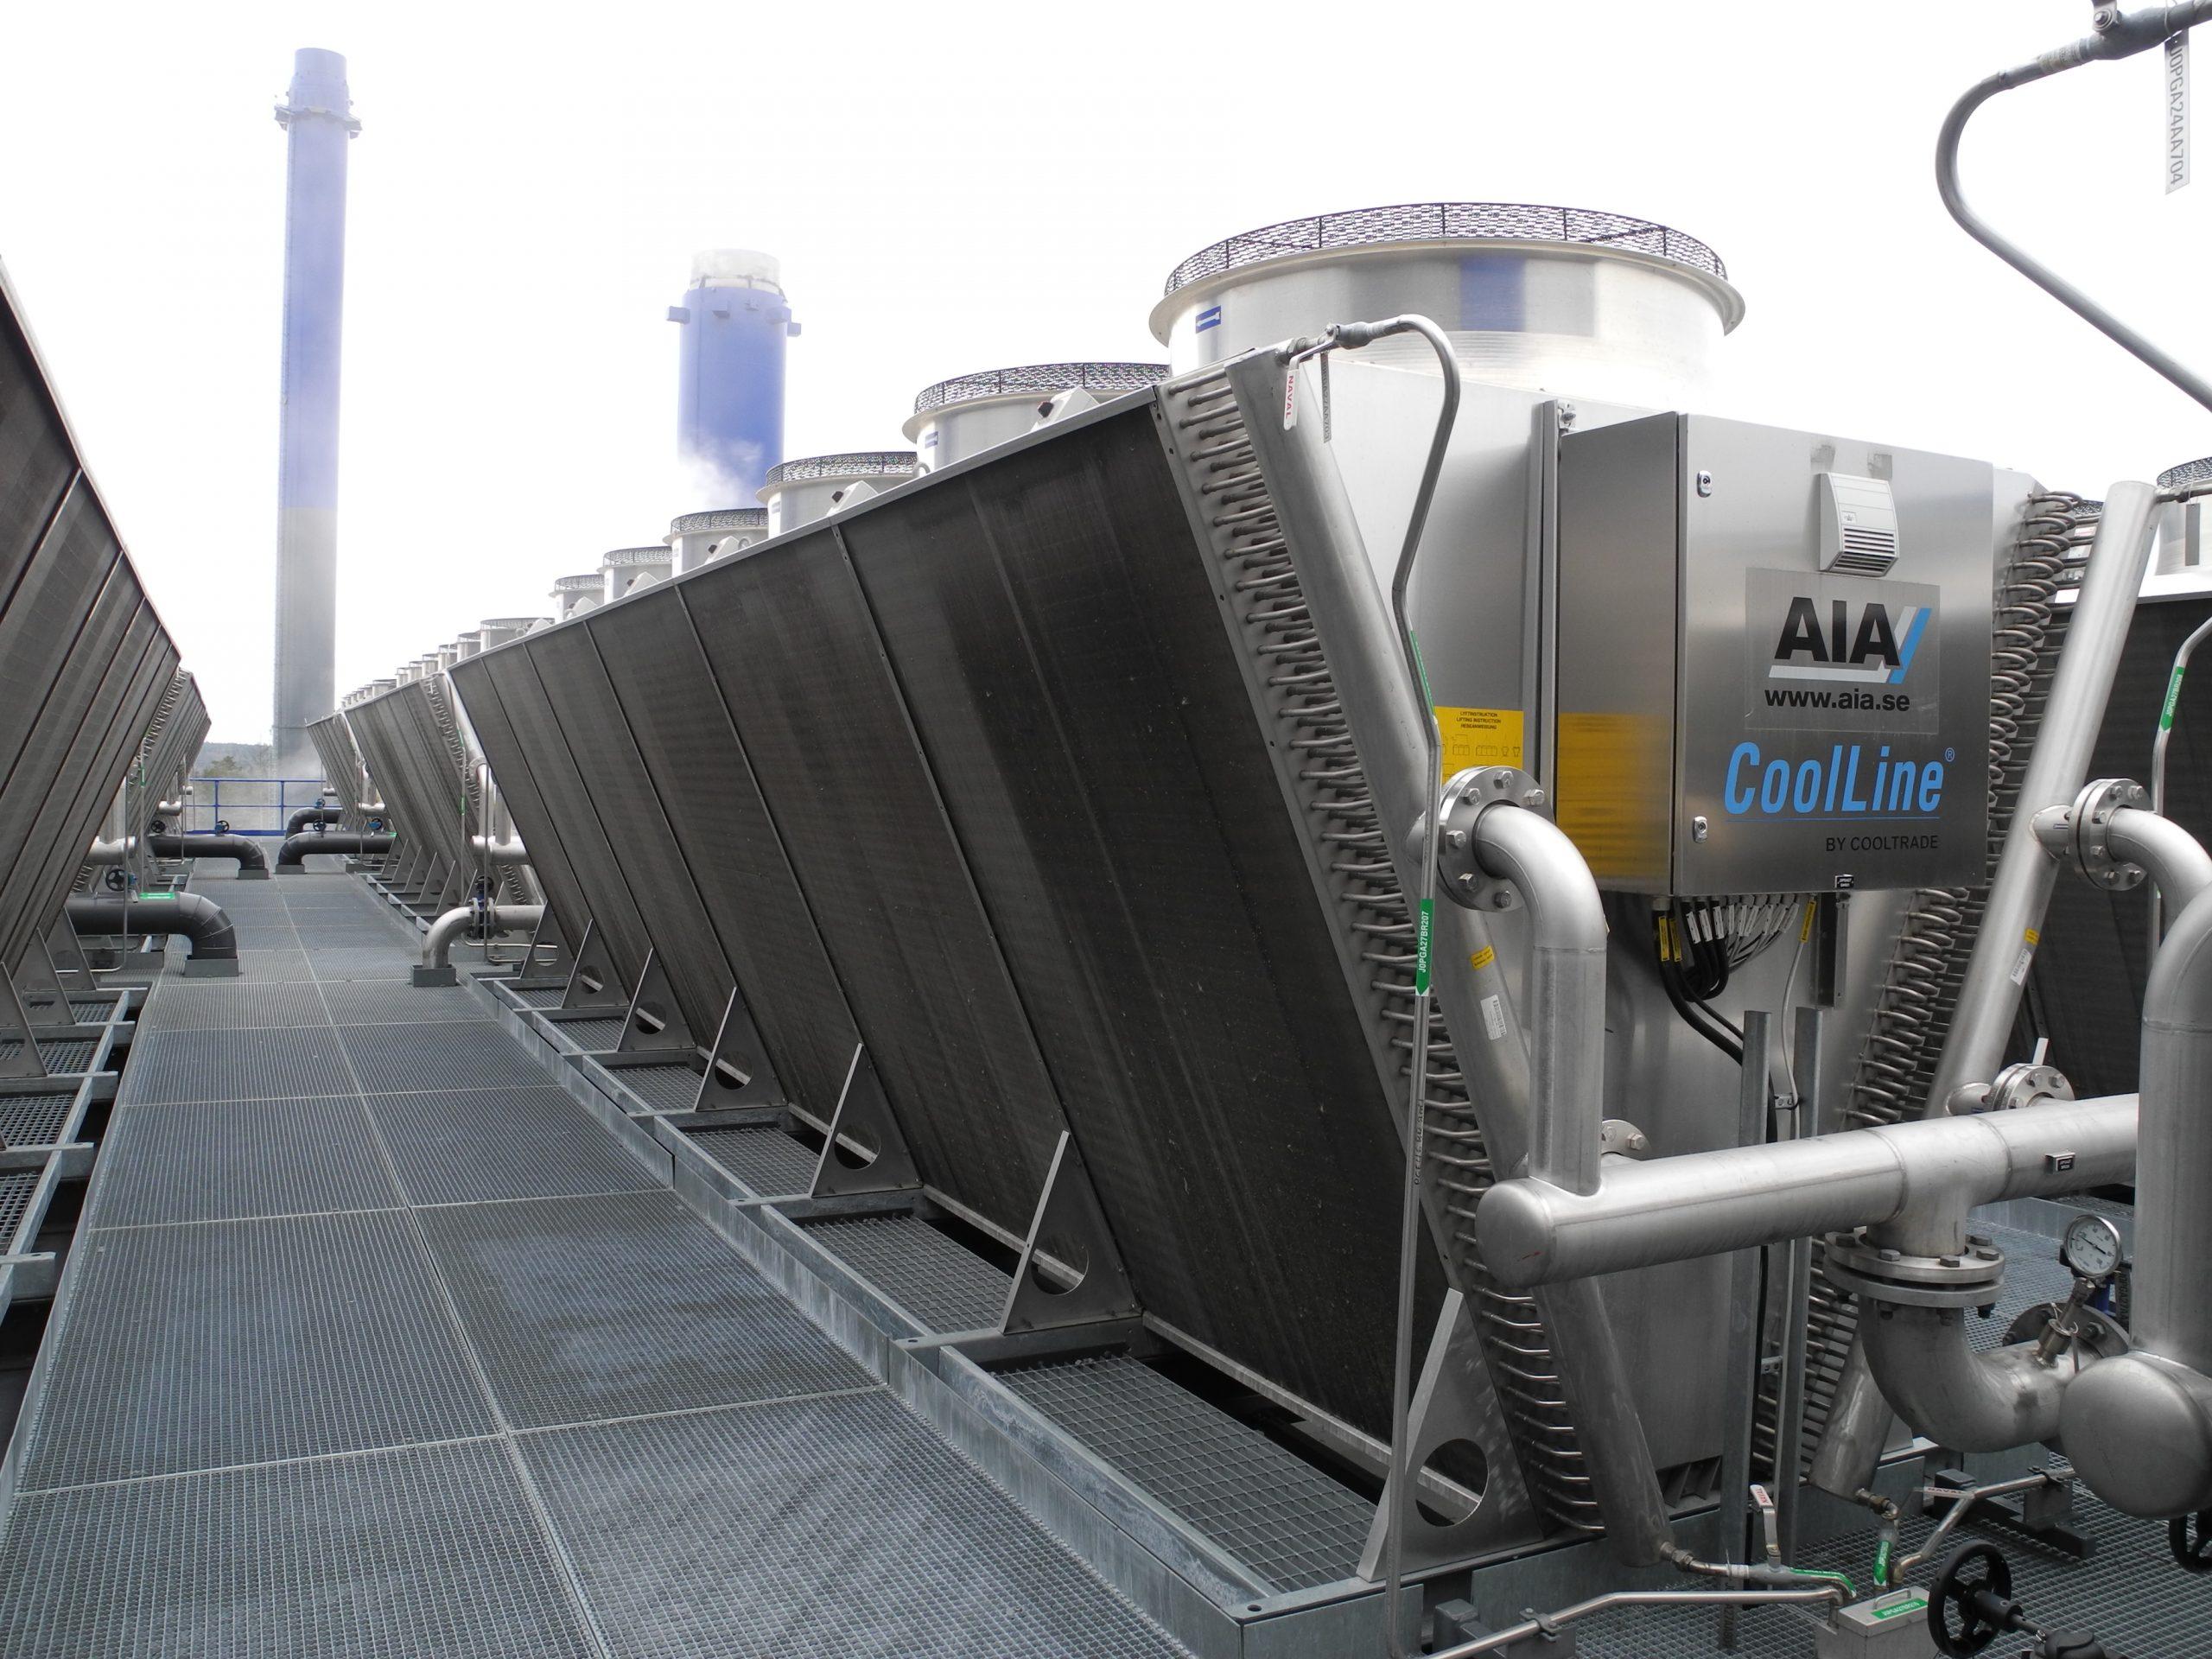 CoolLine-nestejäähdytin Vantaan Energian jätteenpolttolaitoksen katolla. Erikoismalli, jossa mm. rosterikuori ja rosteriputket.